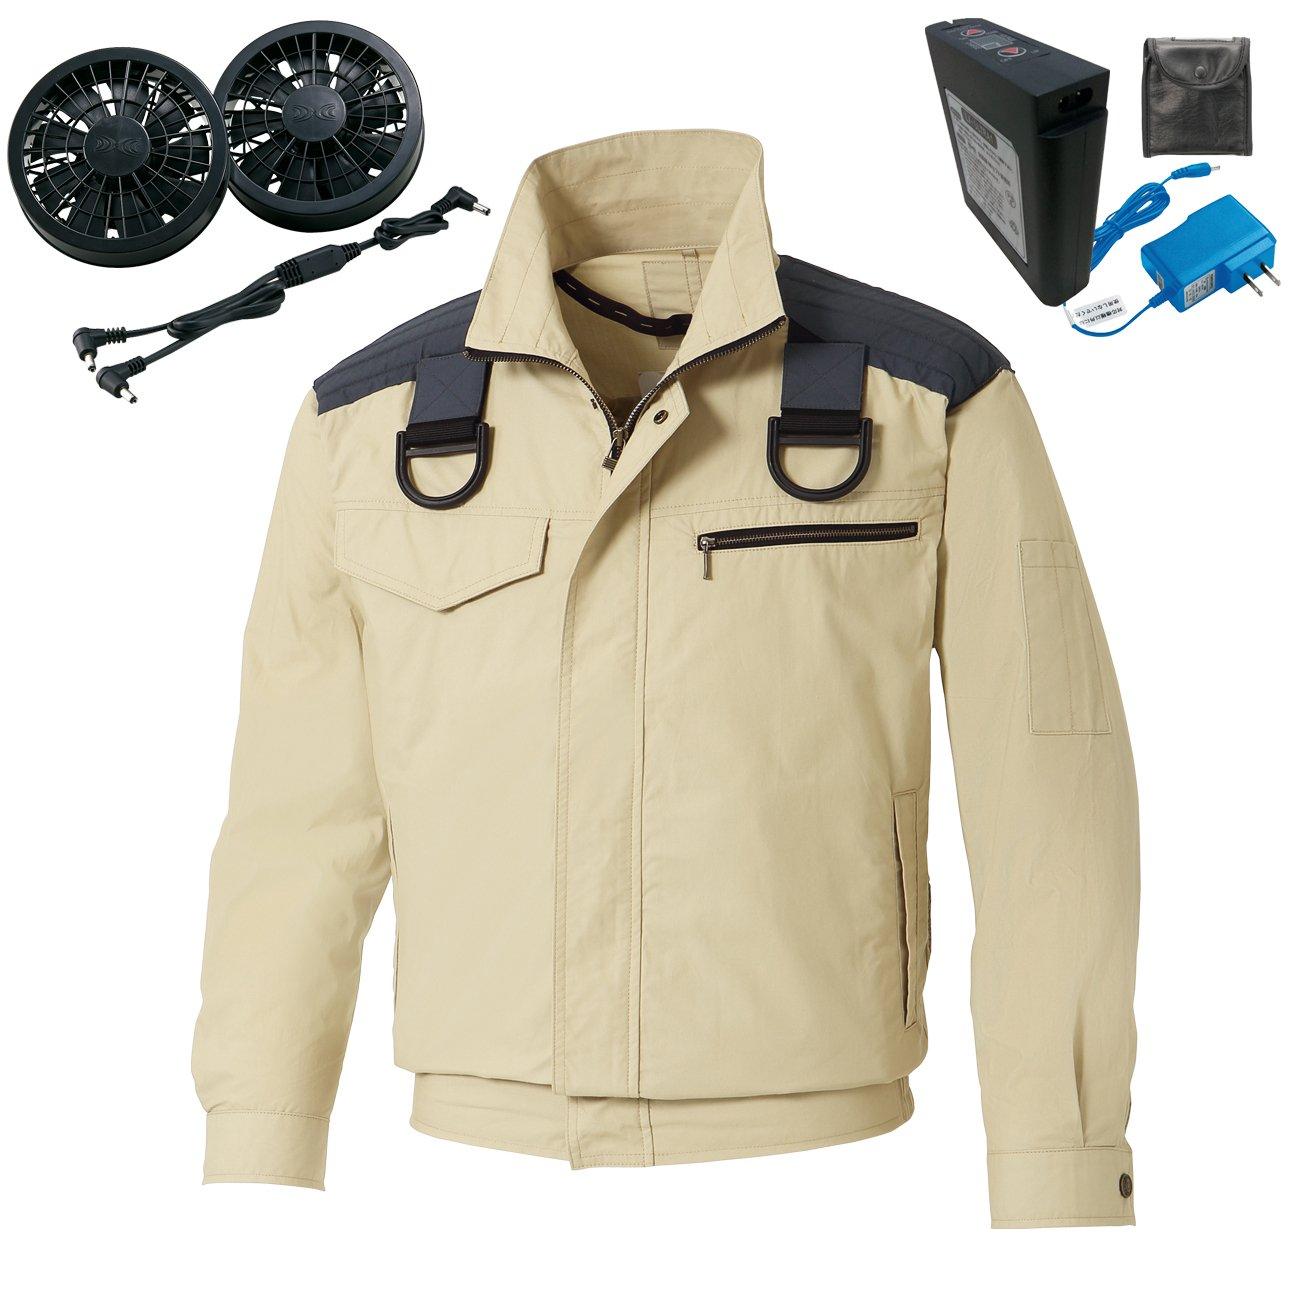 フルハーネス用 空調服 空調風神服 肩パット付長袖ブルゾン 綿100%(空調服社バッテリー+ファン)099‐KU93503F B071RBZFJD 1-サンドベージュ 5L